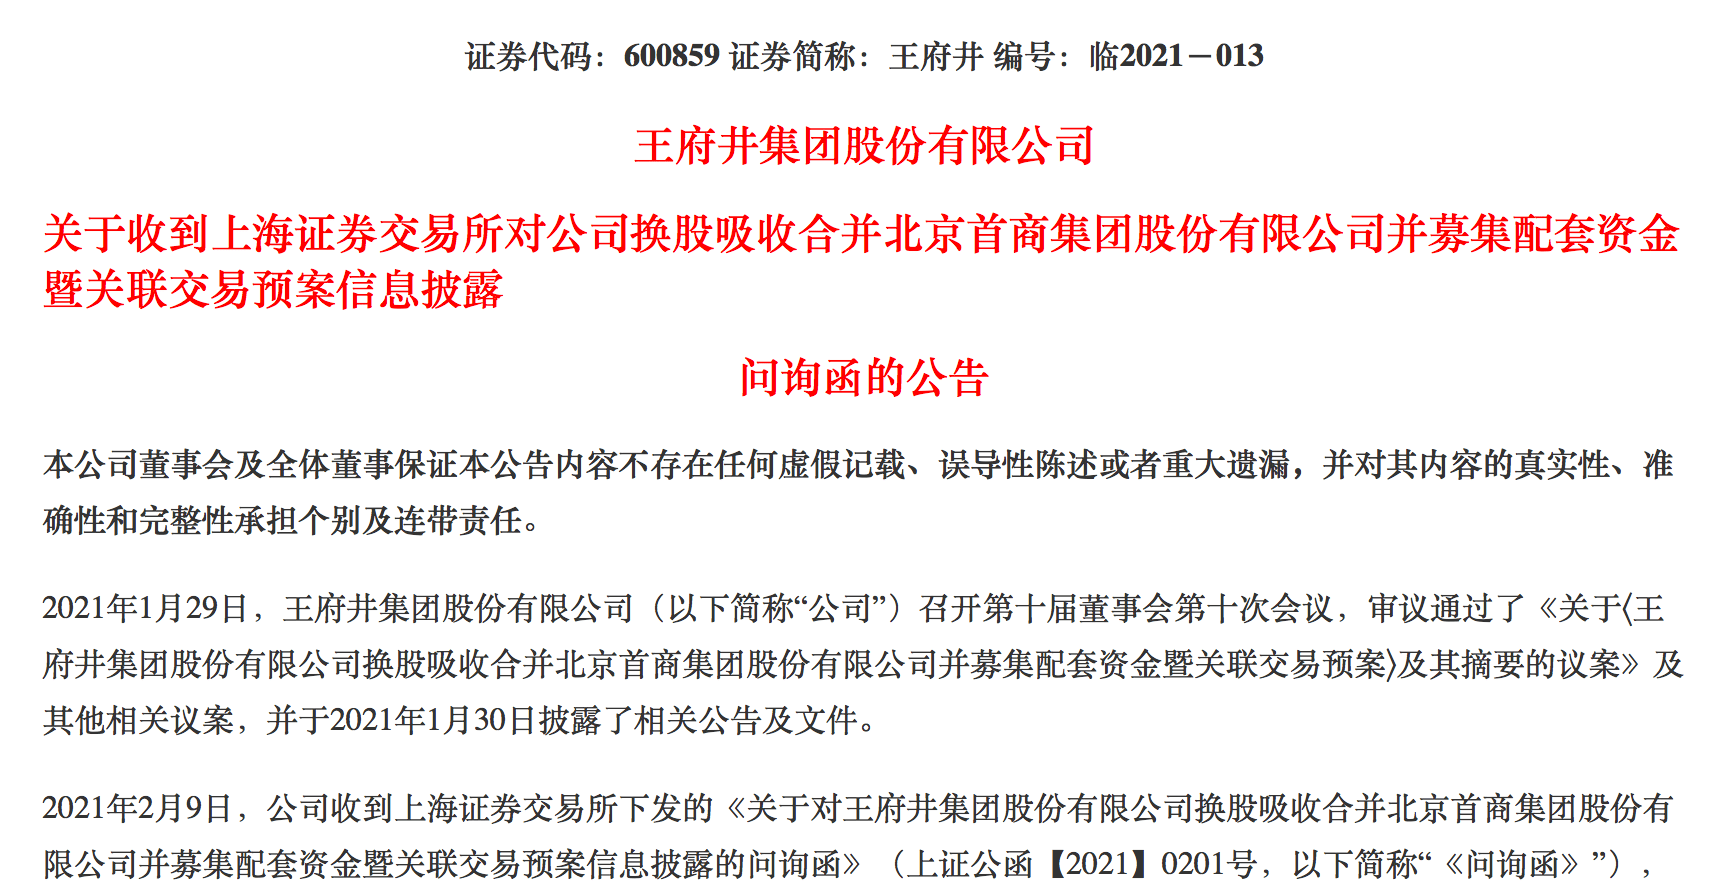 王府井与首商股份合并,被上交所质疑整合效果